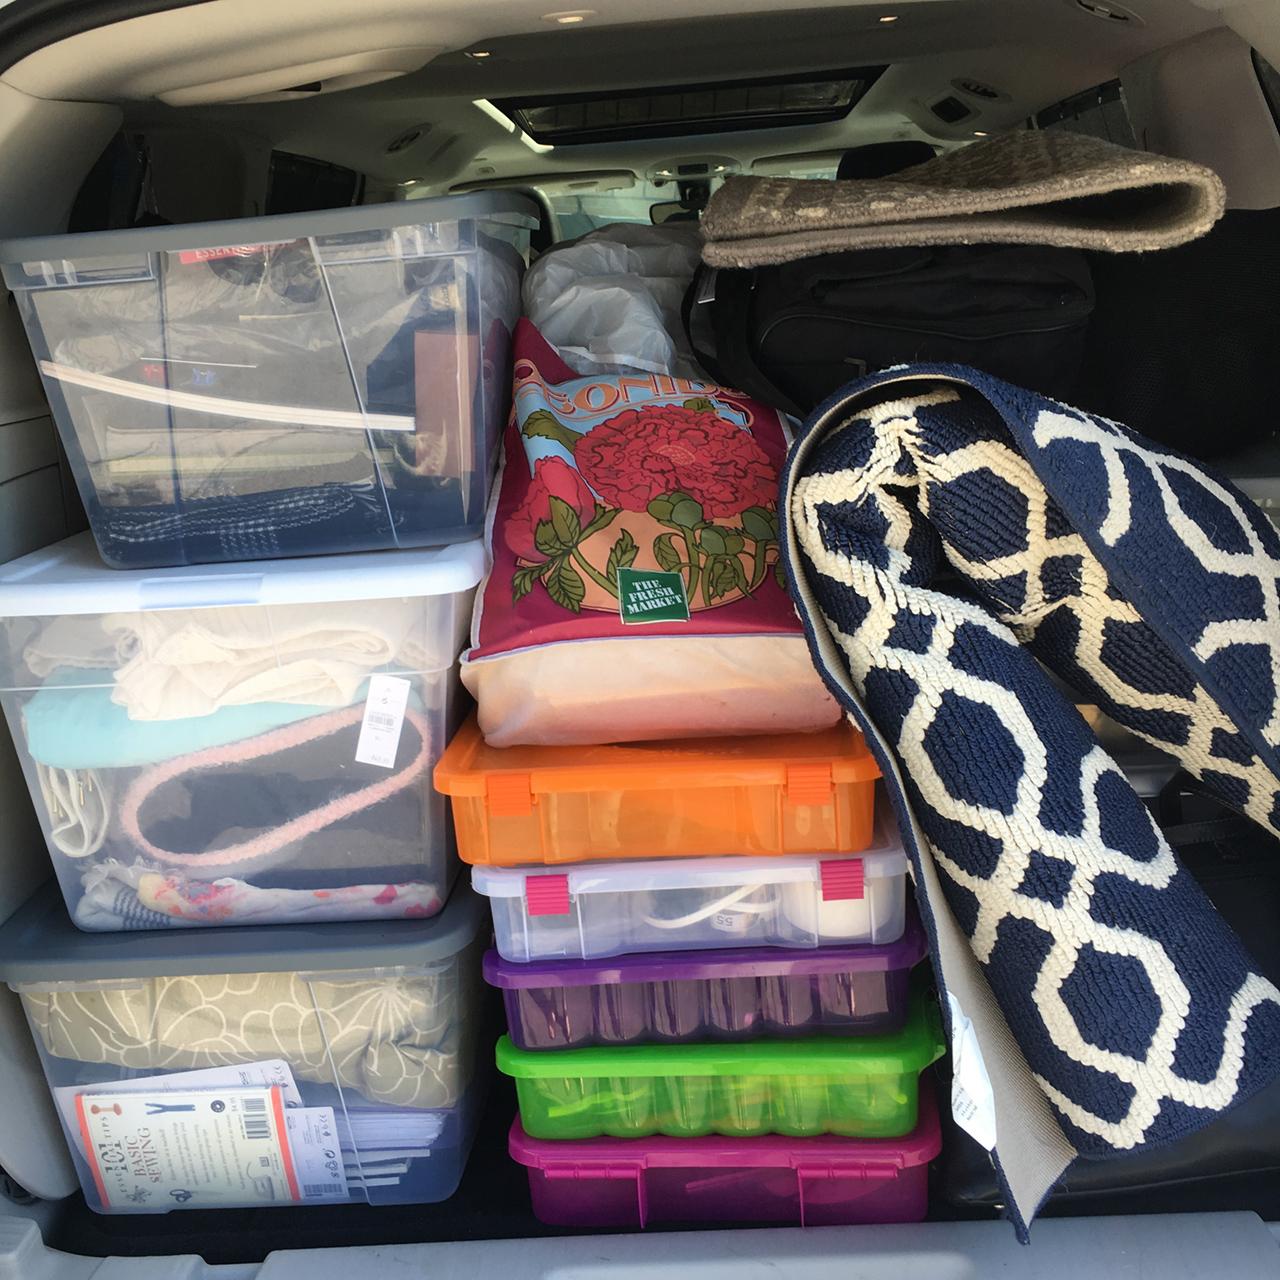 packed van